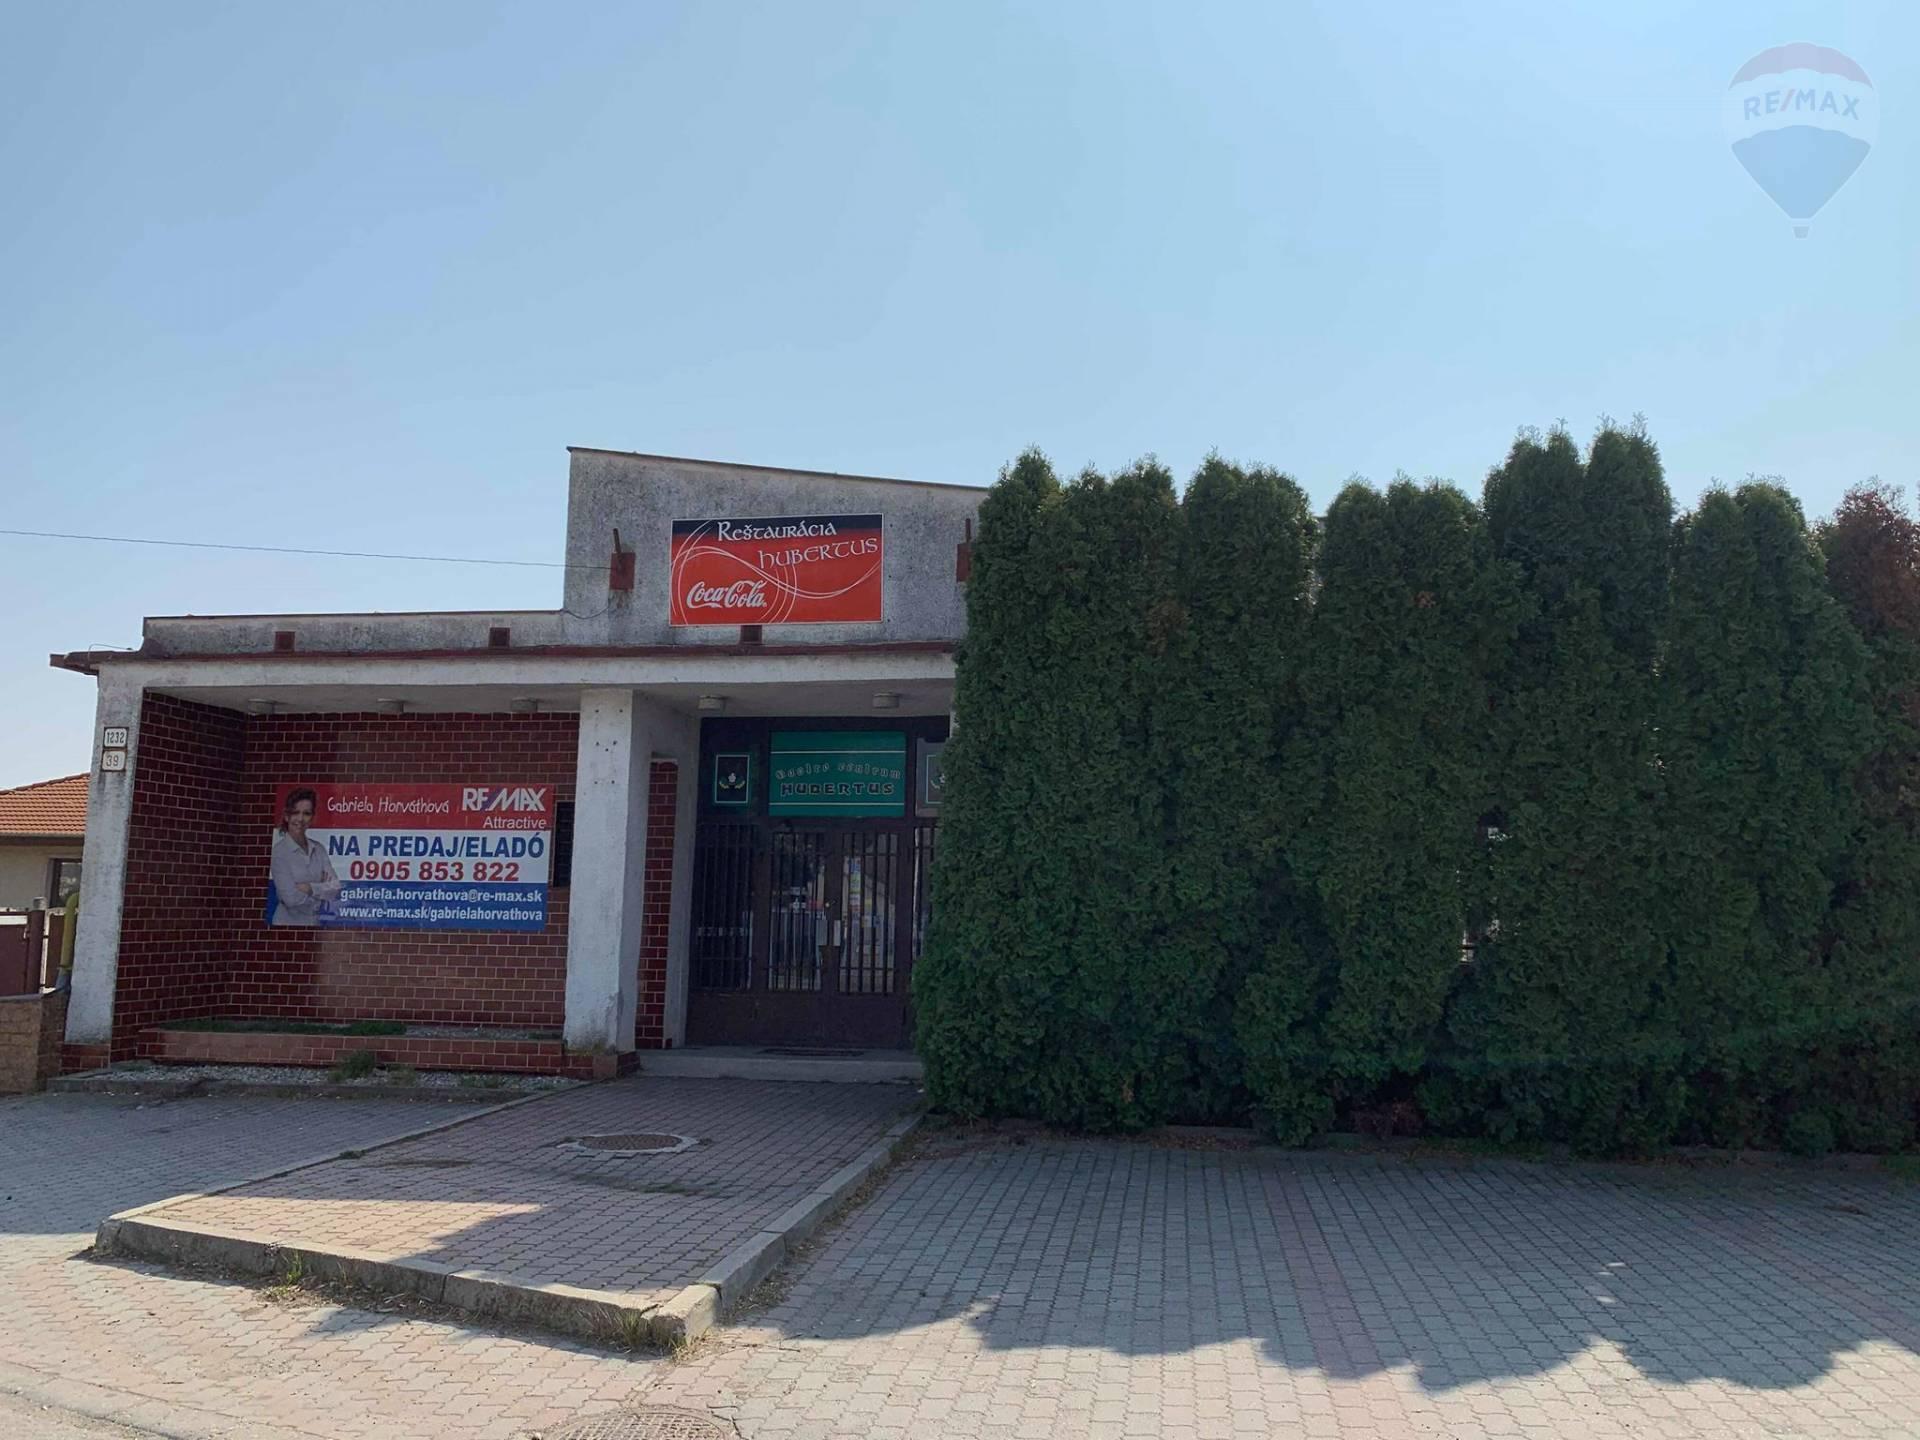 Predaj: reštaurácia, komerčný objekt, Kračanská cesta, Dunajská Streda